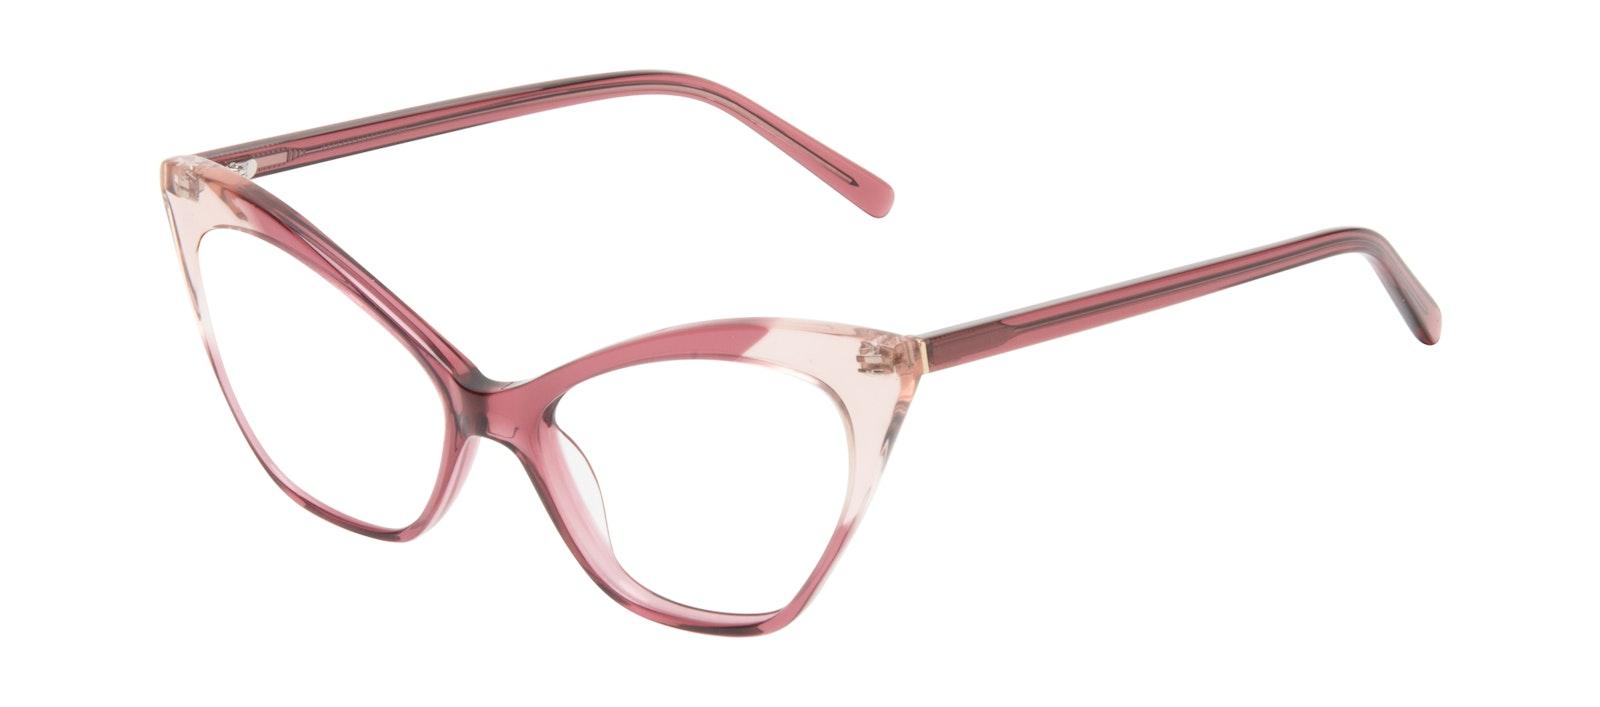 Lunettes tendance Oeil de chat Lunettes de vue Femmes Gossip Orchid Pink Incliné